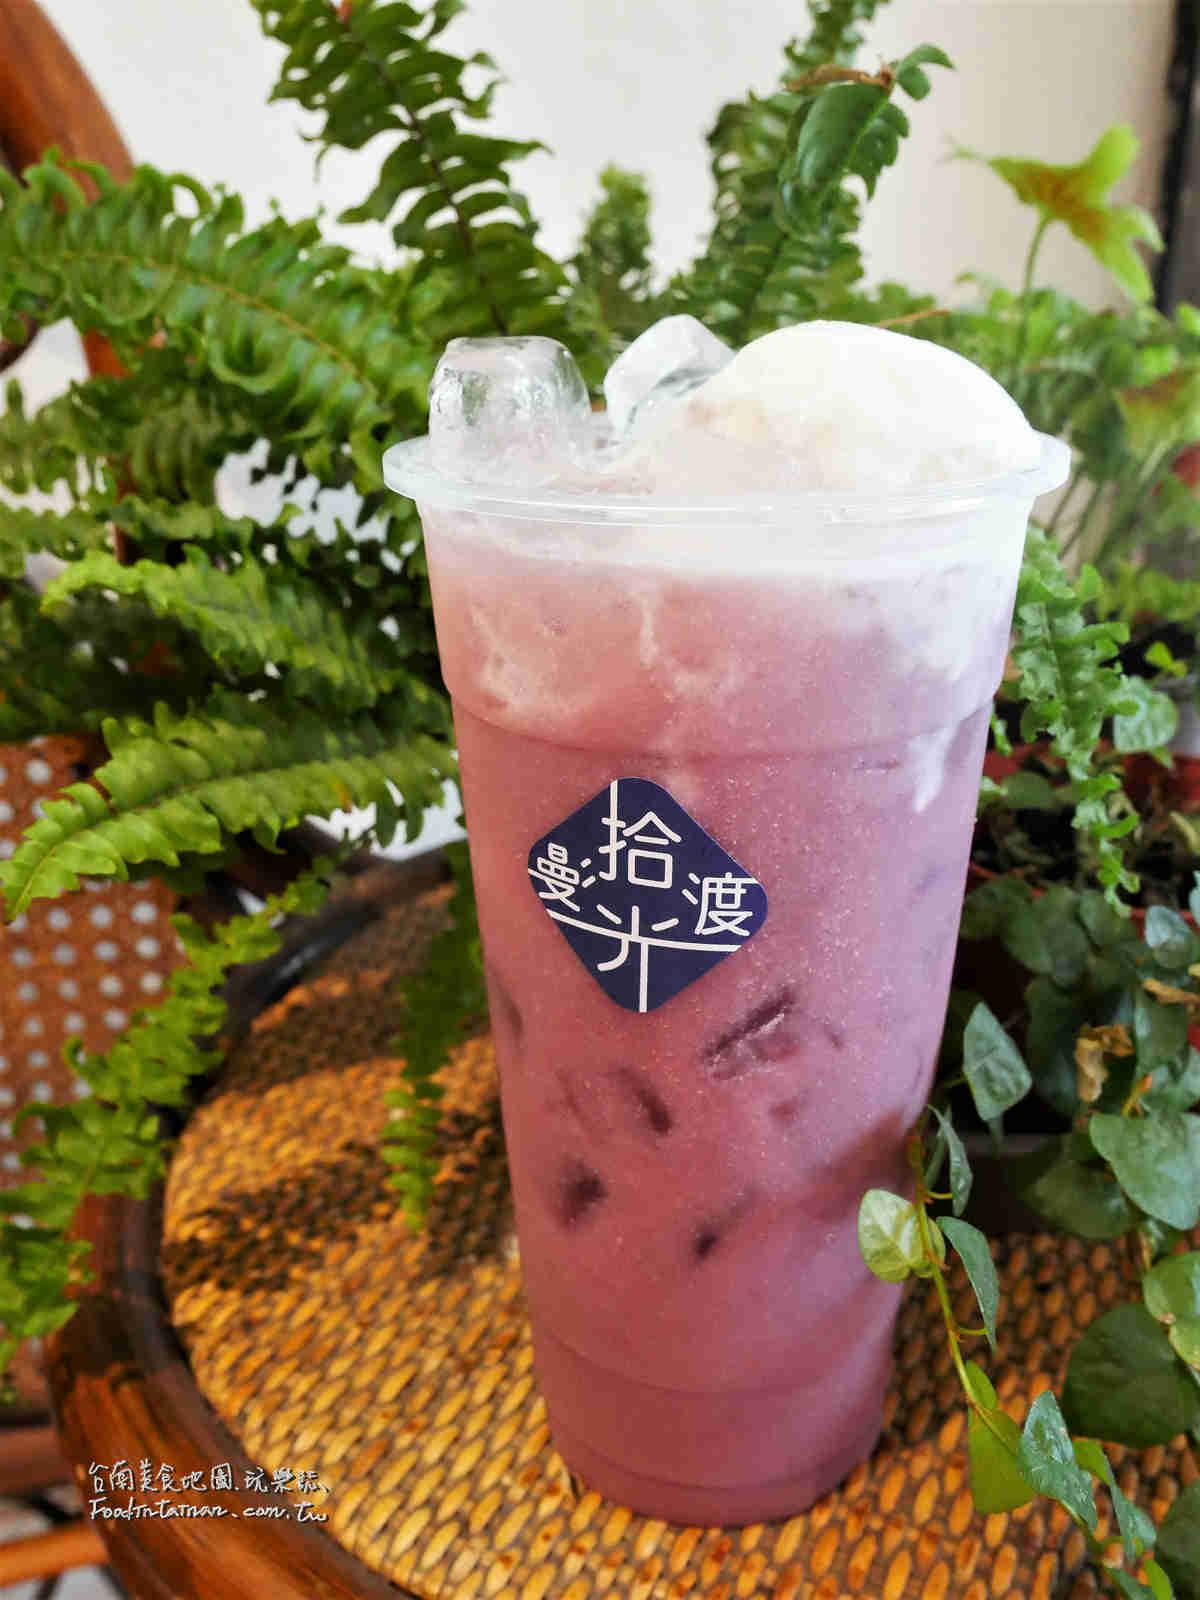 台南飲料美食小點-漫渡拾光手作茶飲-西門店